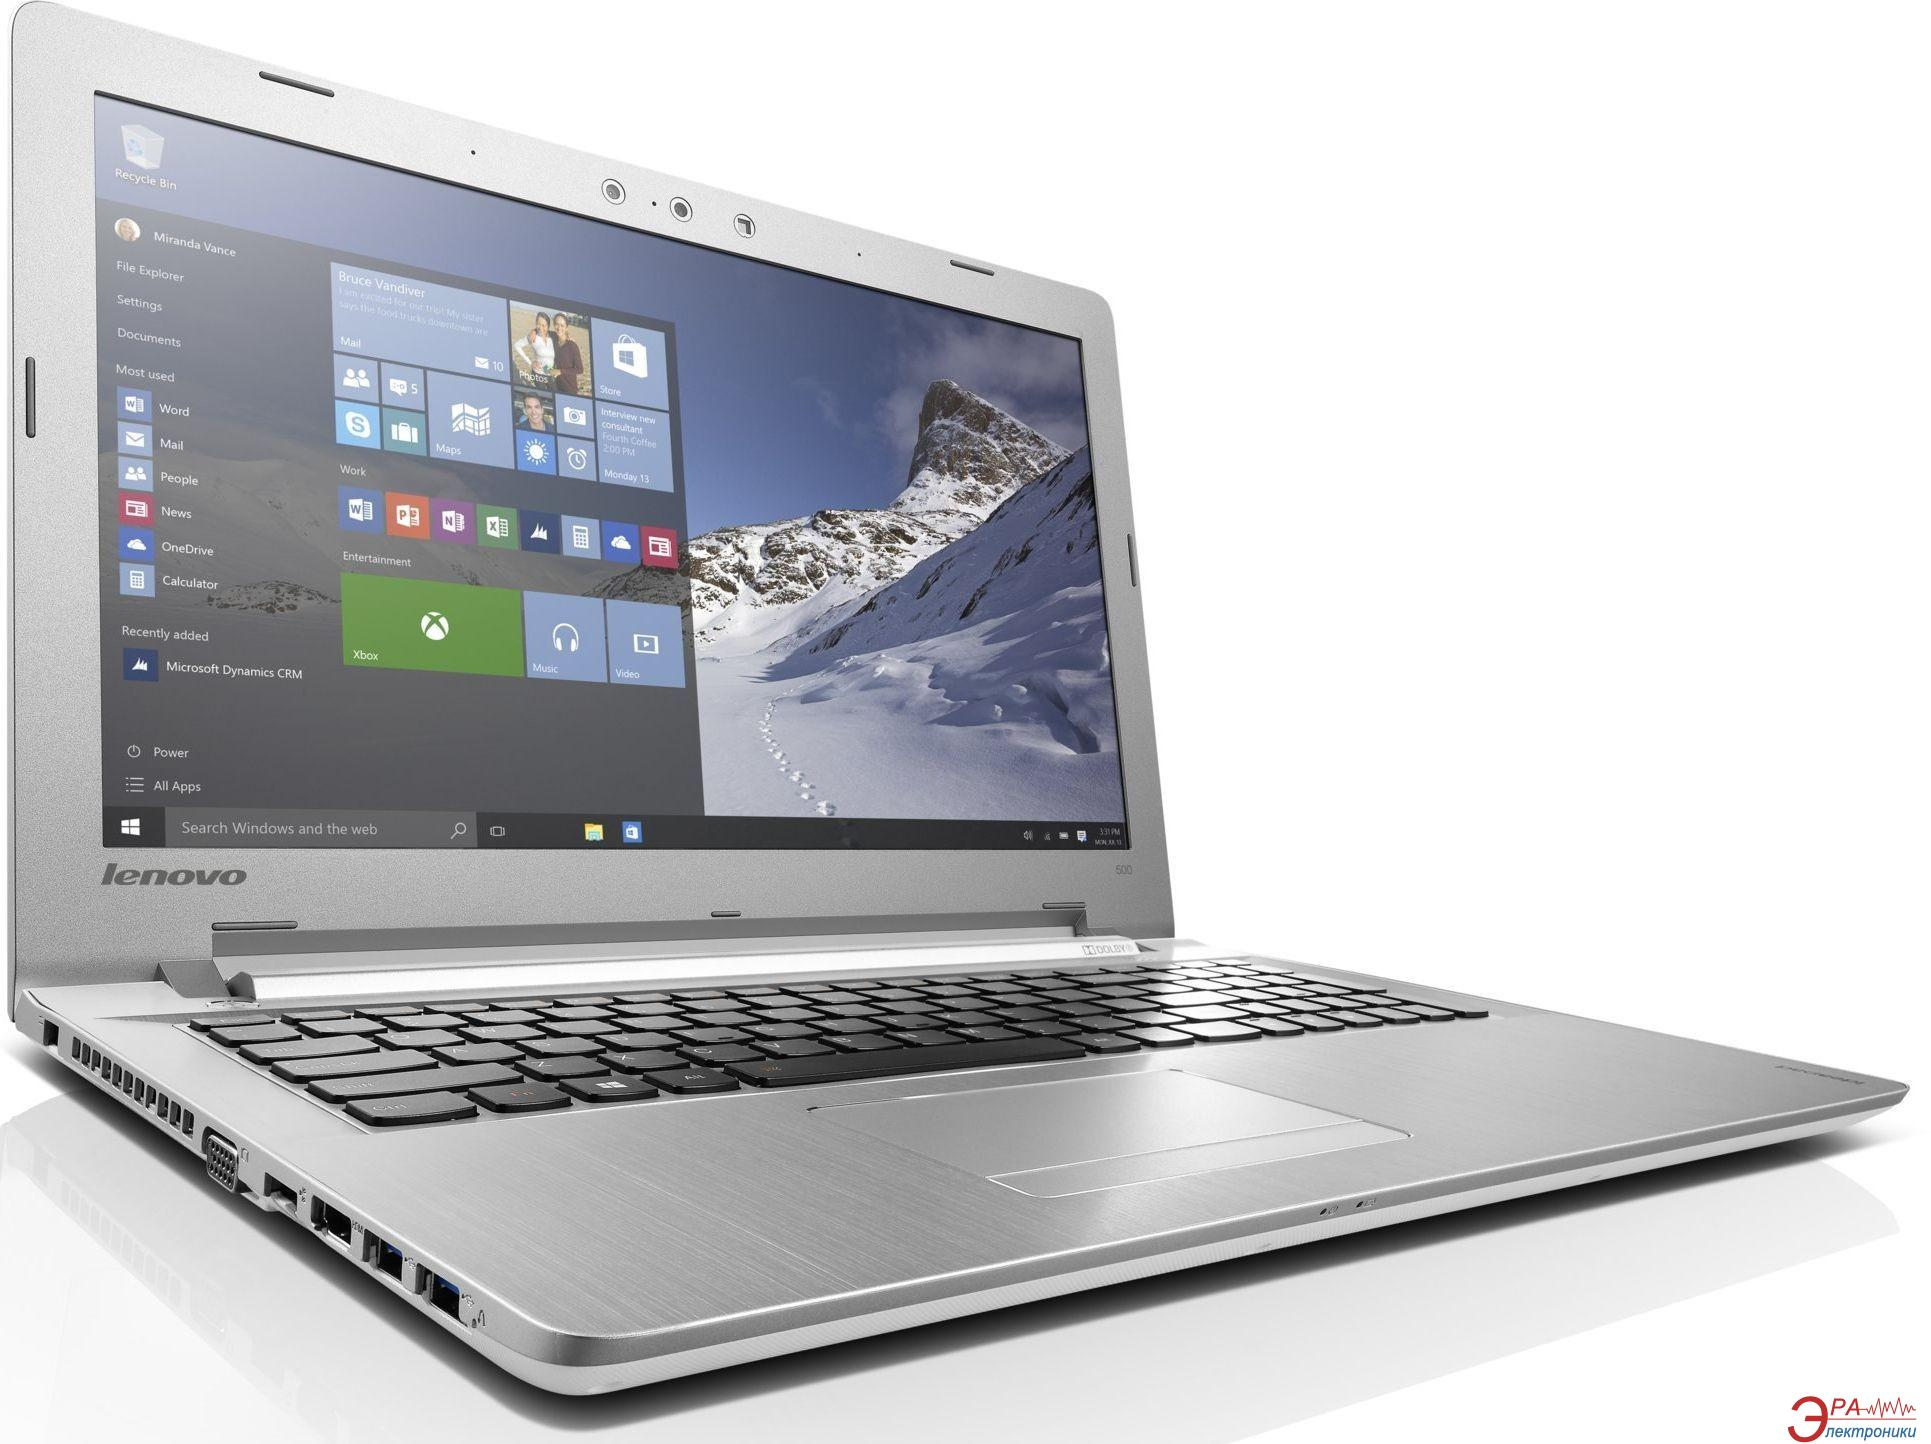 Ноутбук Lenovo IdeaPad 700 (80RU0084UA) White 15,6